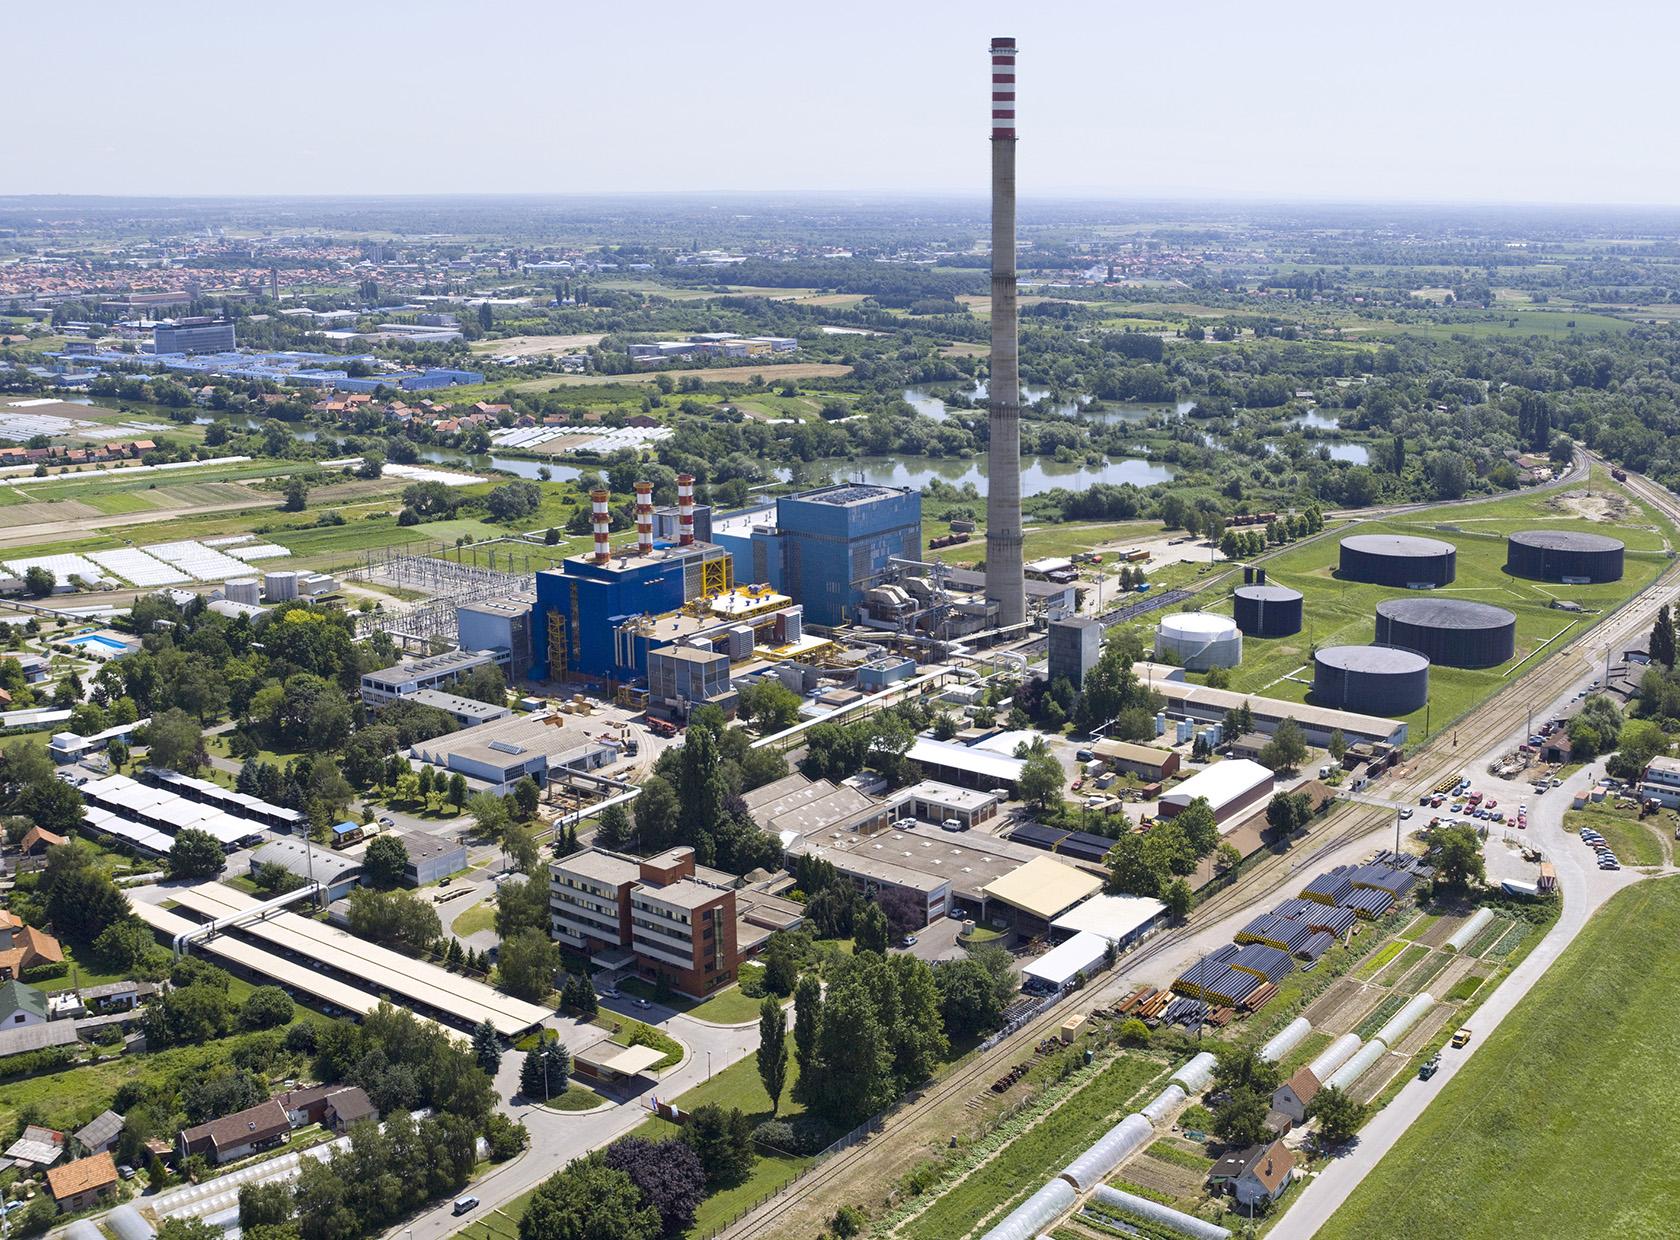 HEP provodi povijesni projekt obnove zagrebačke vrelovodne mreže: Evo koji kvartovi će biti bez tople vode